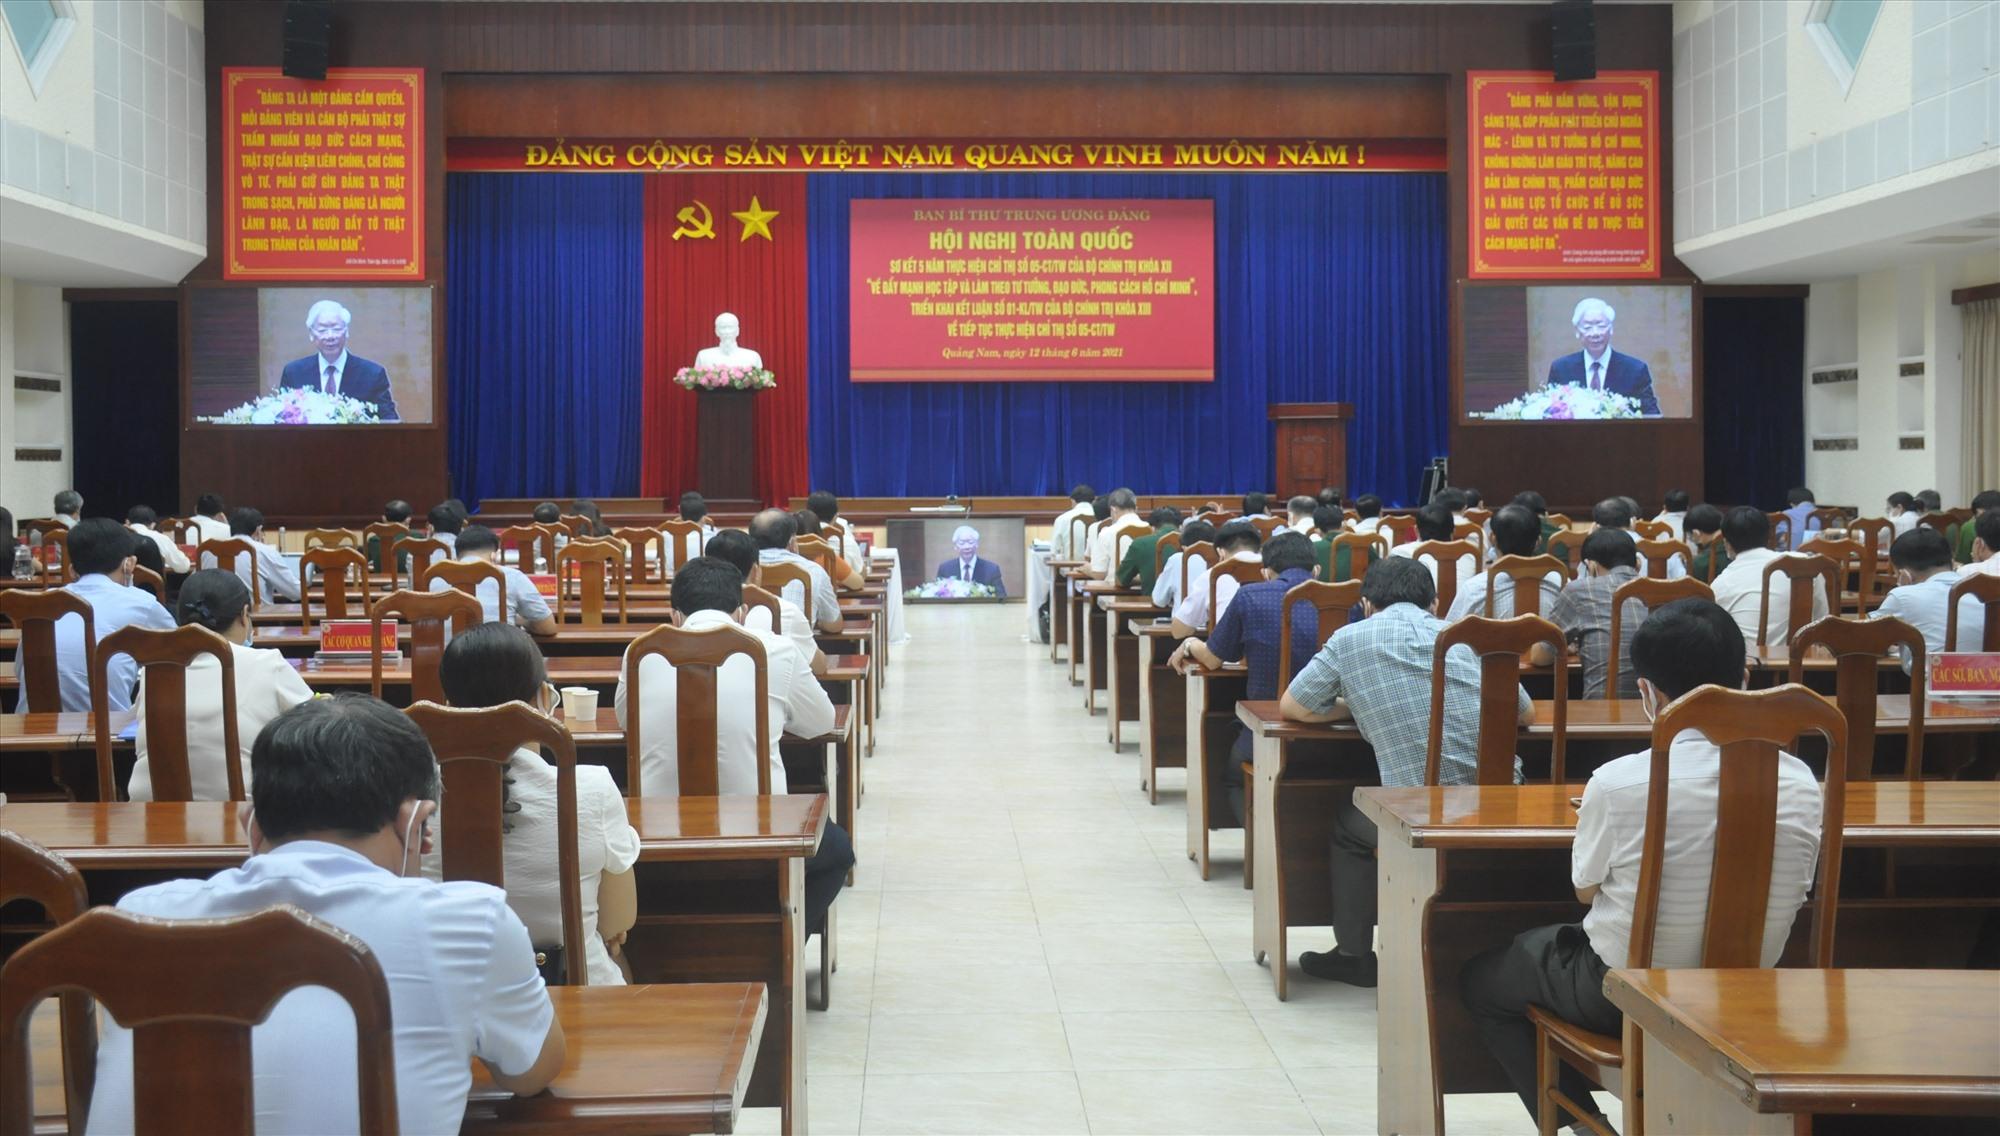 Quang cảnh hội nghị tại điểm cầu Quảng Nam sáng 12.6. Ảnh: N.Đ